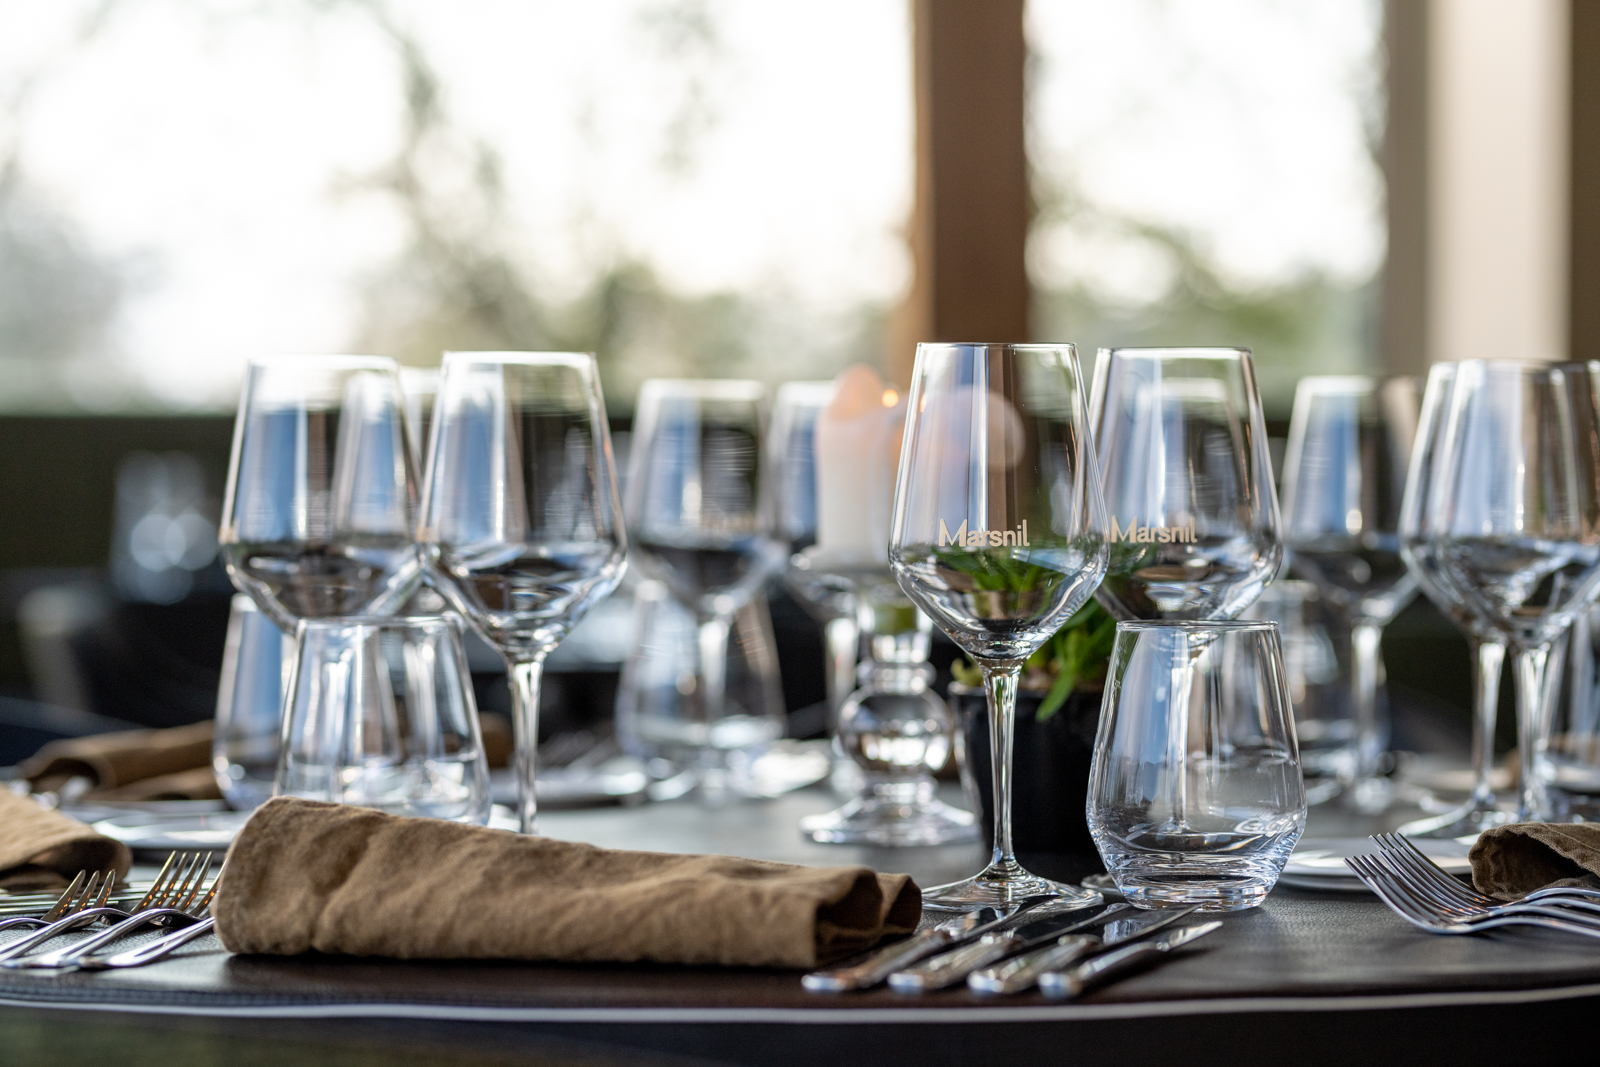 Restaurant - Domein Marsnil